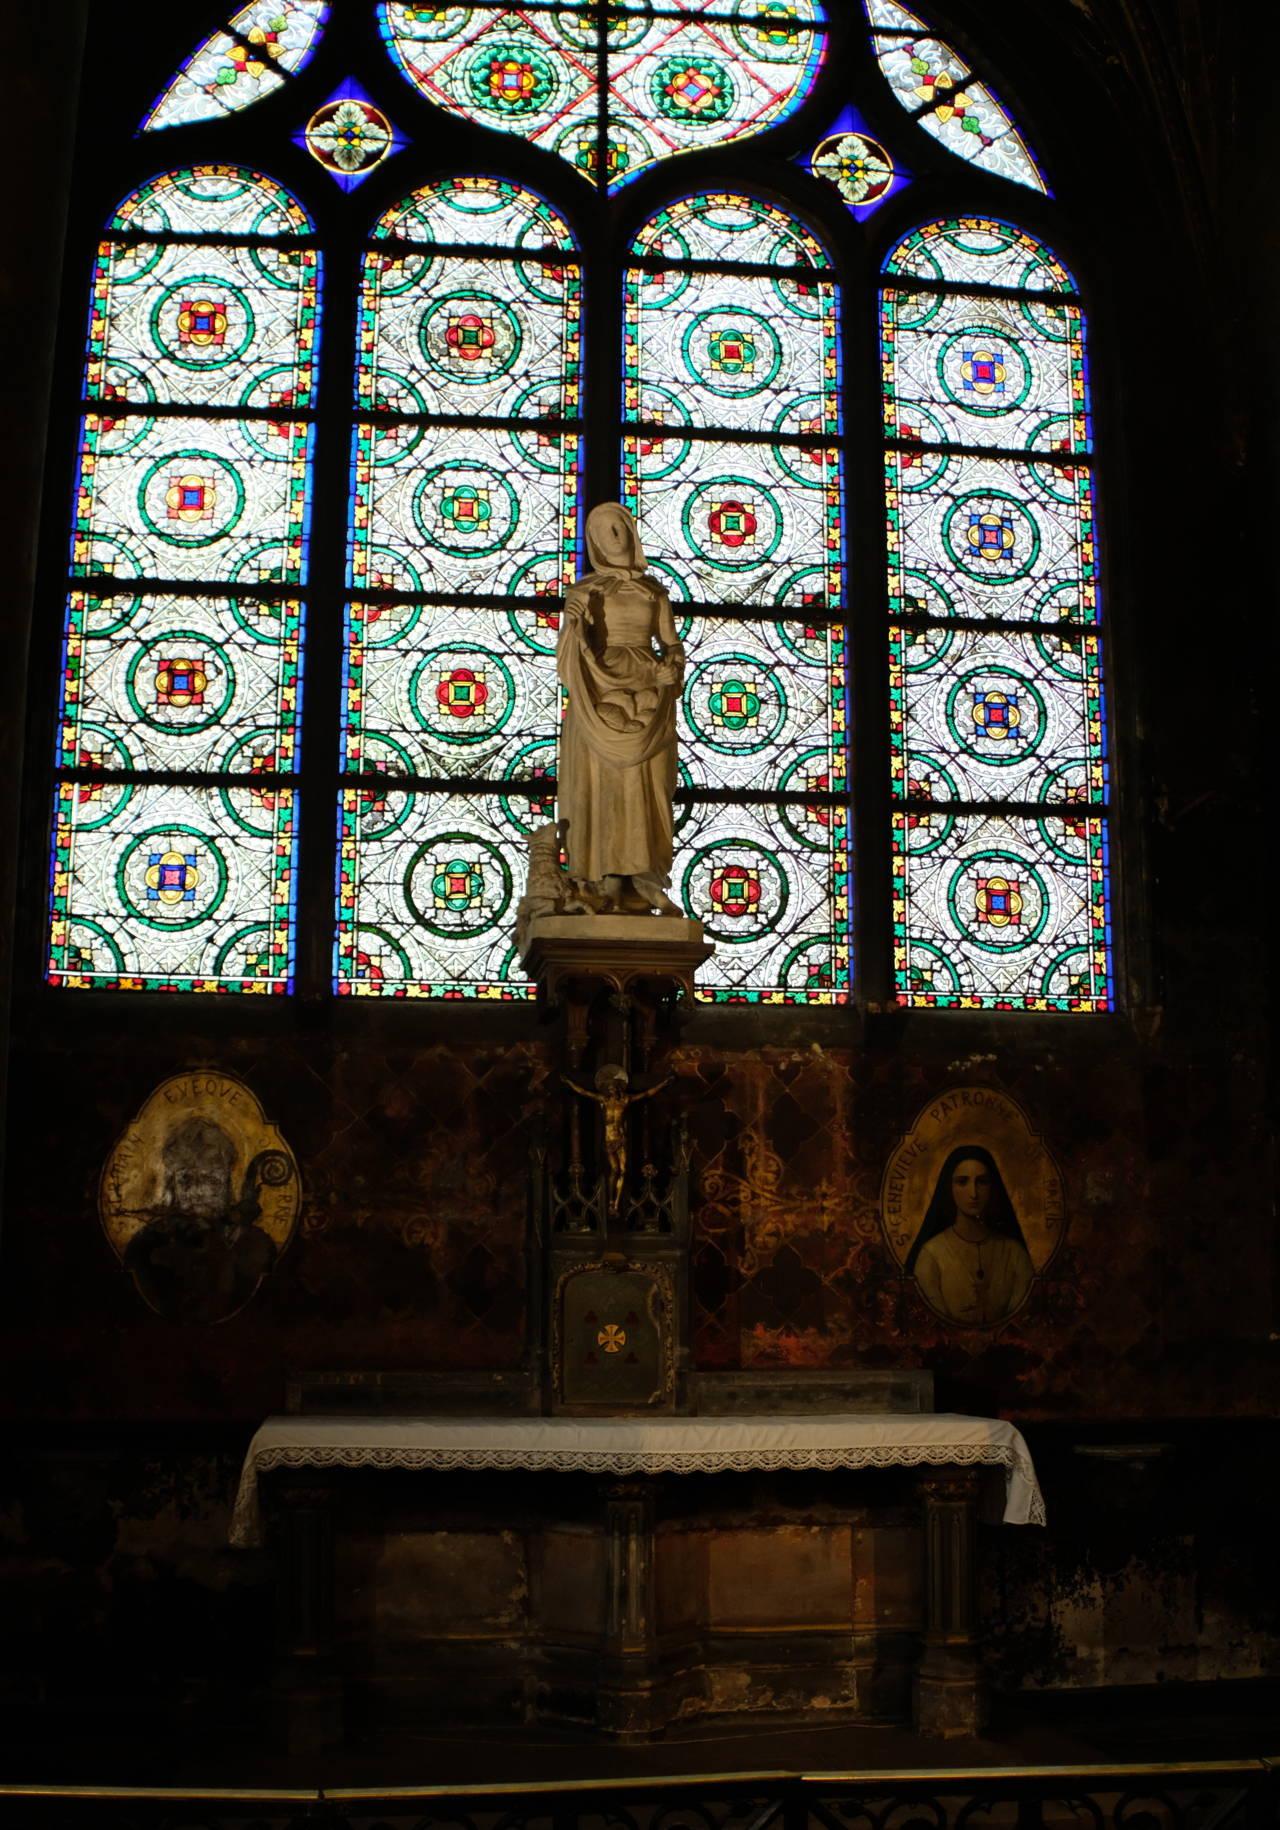 DSCF1999 - Παρίσι: Ορθόδοξος Εσπερινός στον Άγιο Γερμανό Λούβρου